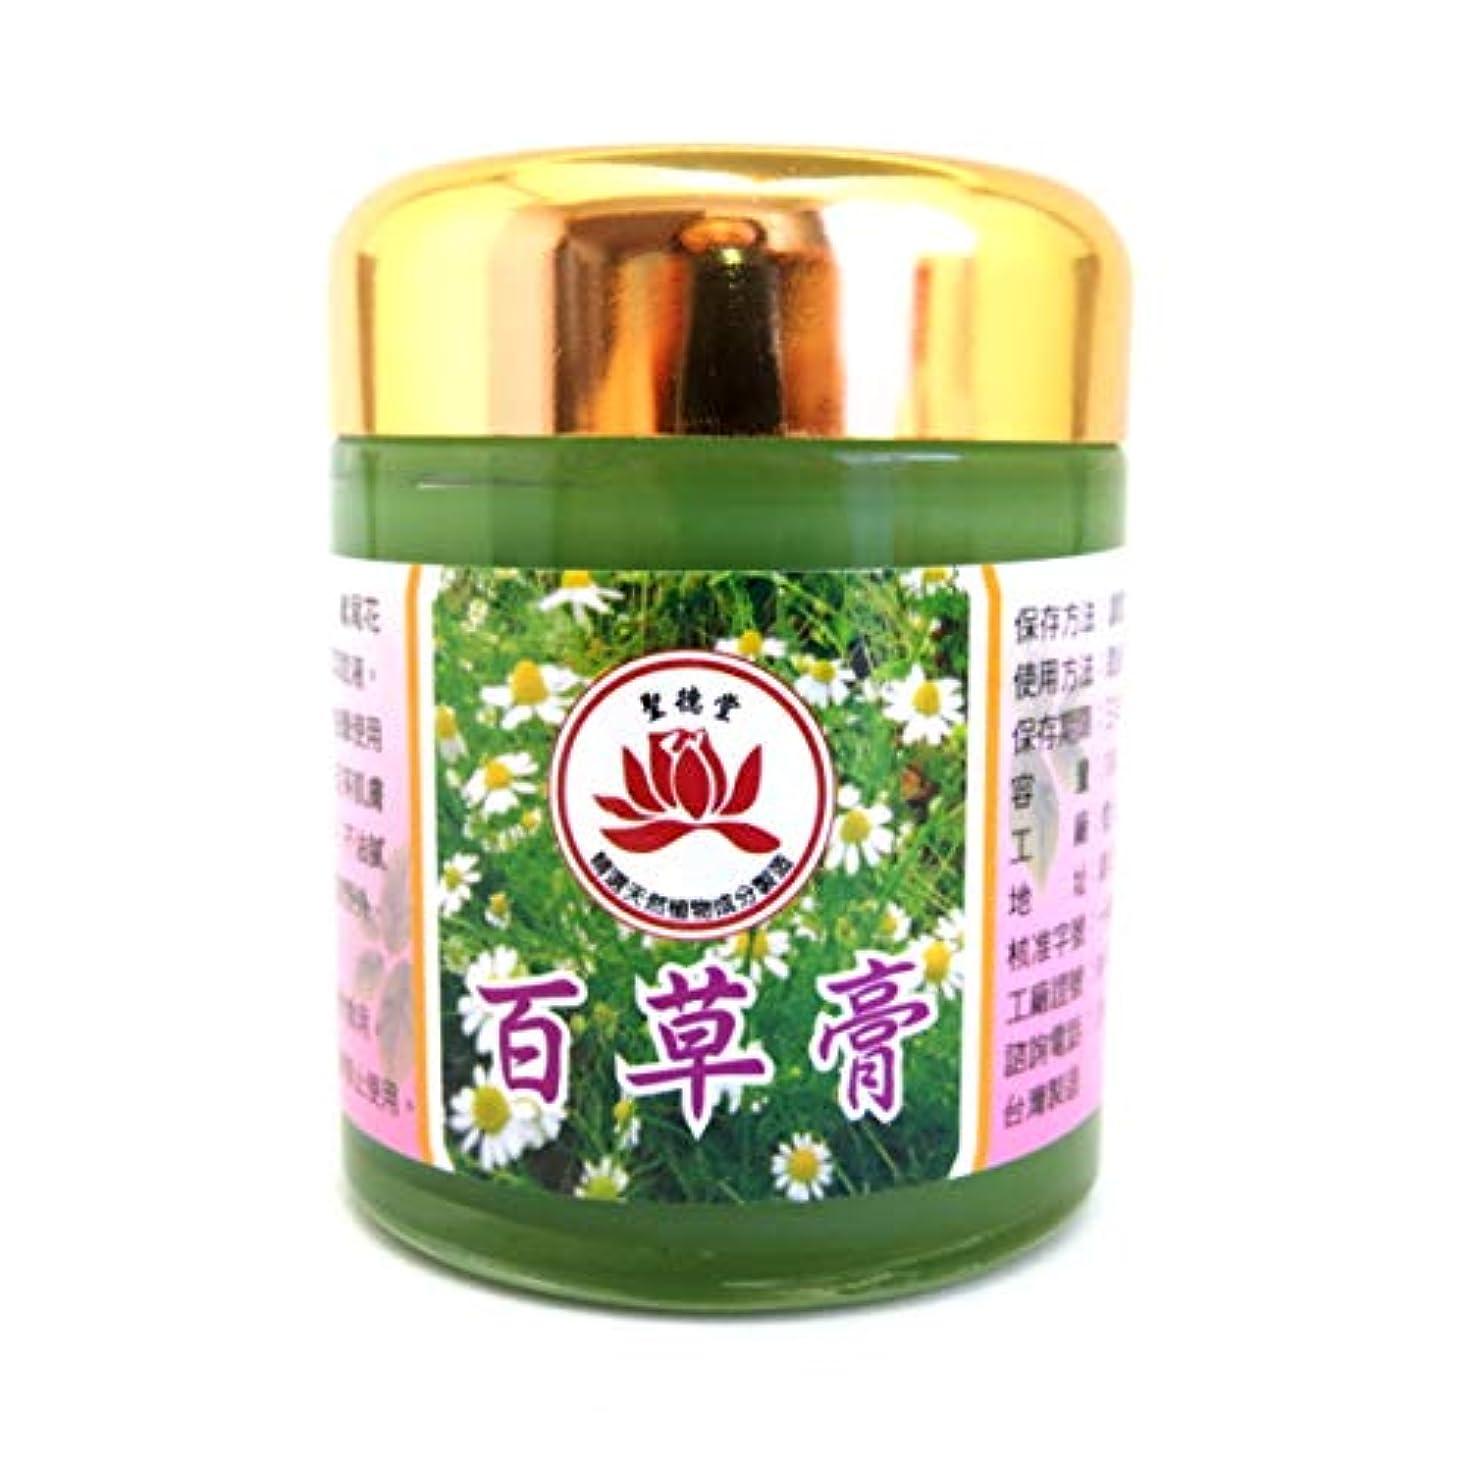 内なる絶望的な塊台湾 マッサージクリーム 百草膏 100g